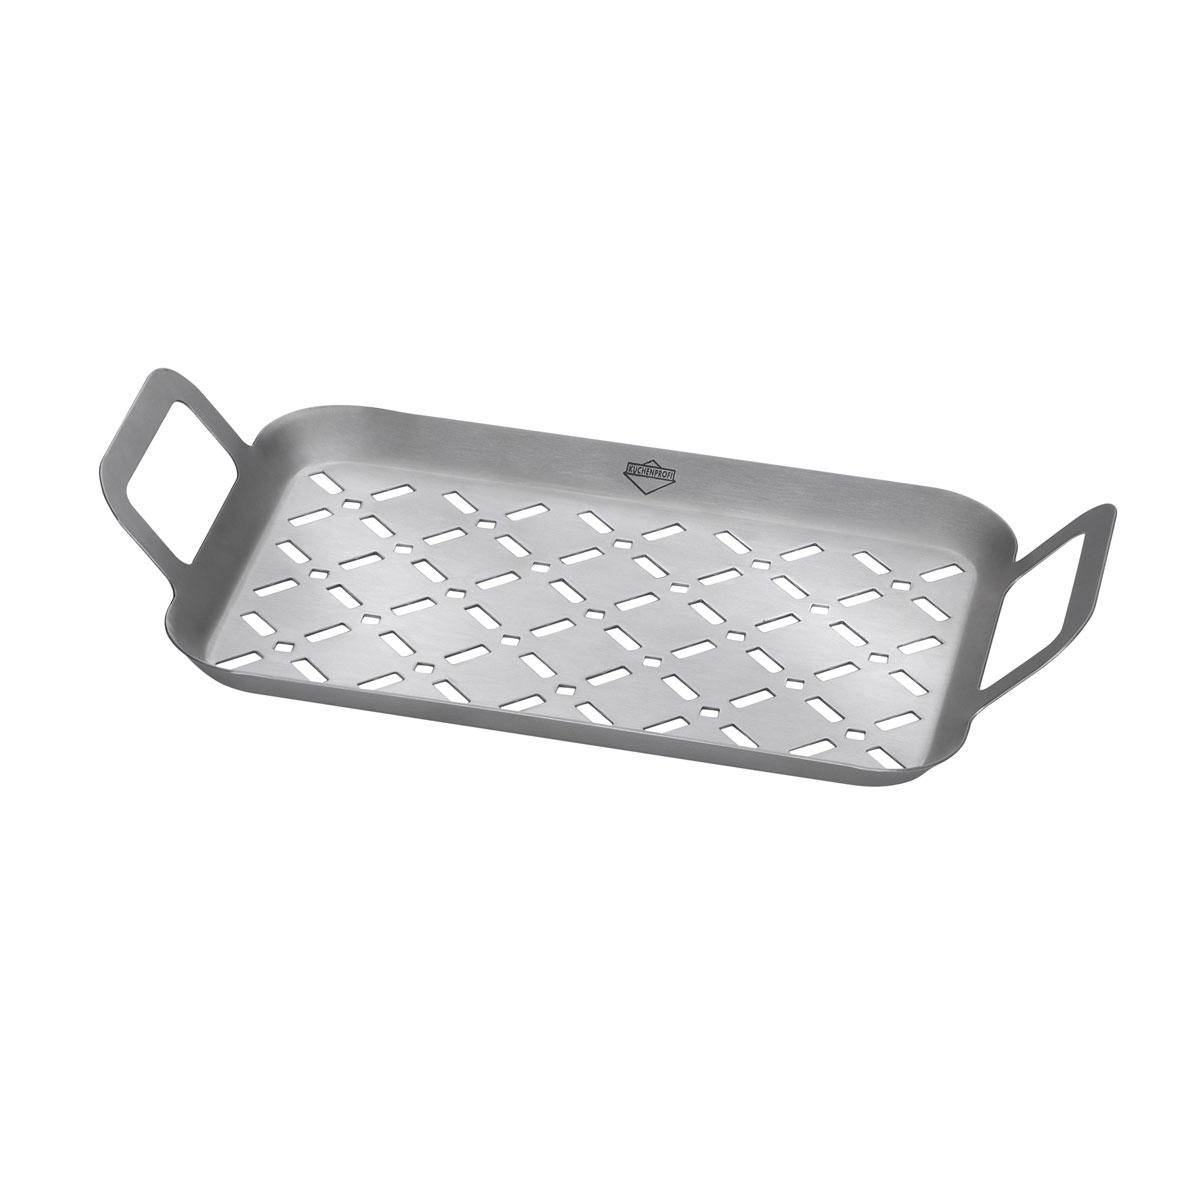 Küchenprofi Grillpfanne - Style 34x18,5 cm Gril...